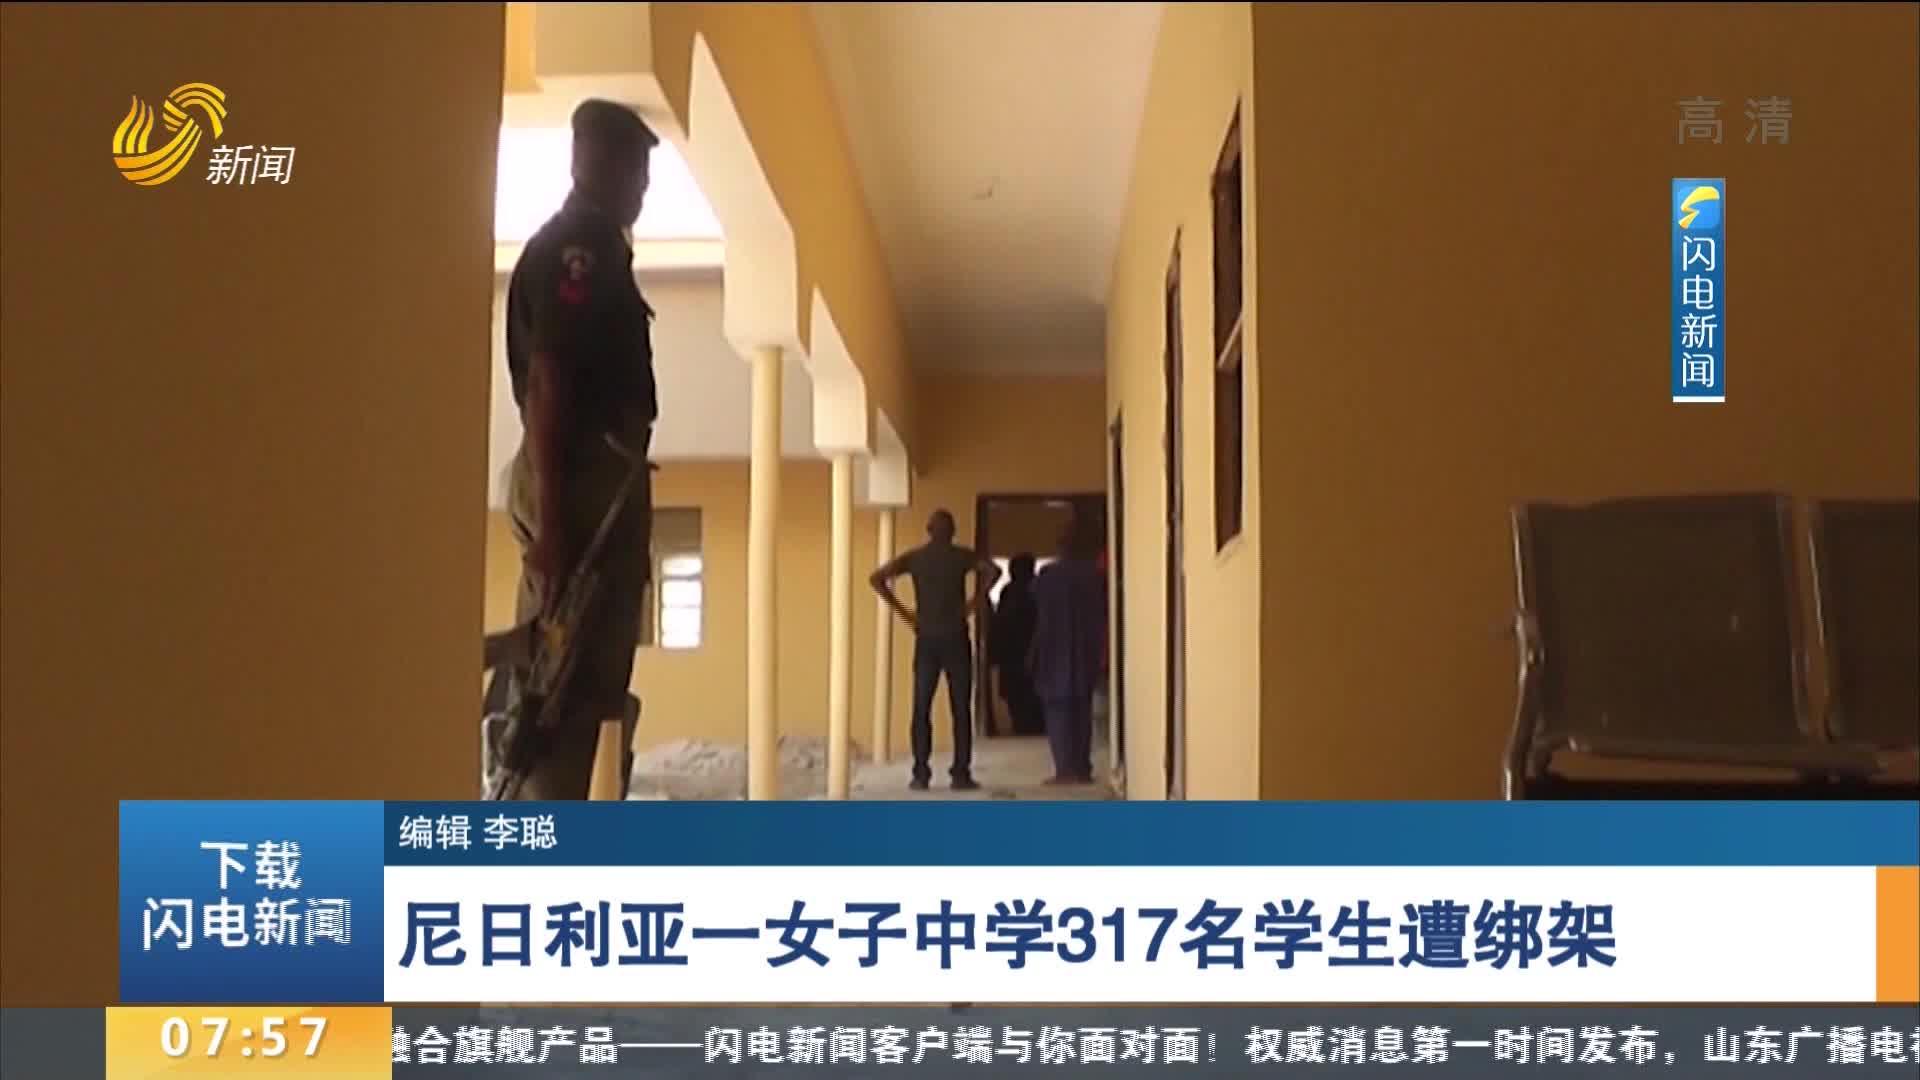 尼日利亚一女子中学317名学生遭绑架